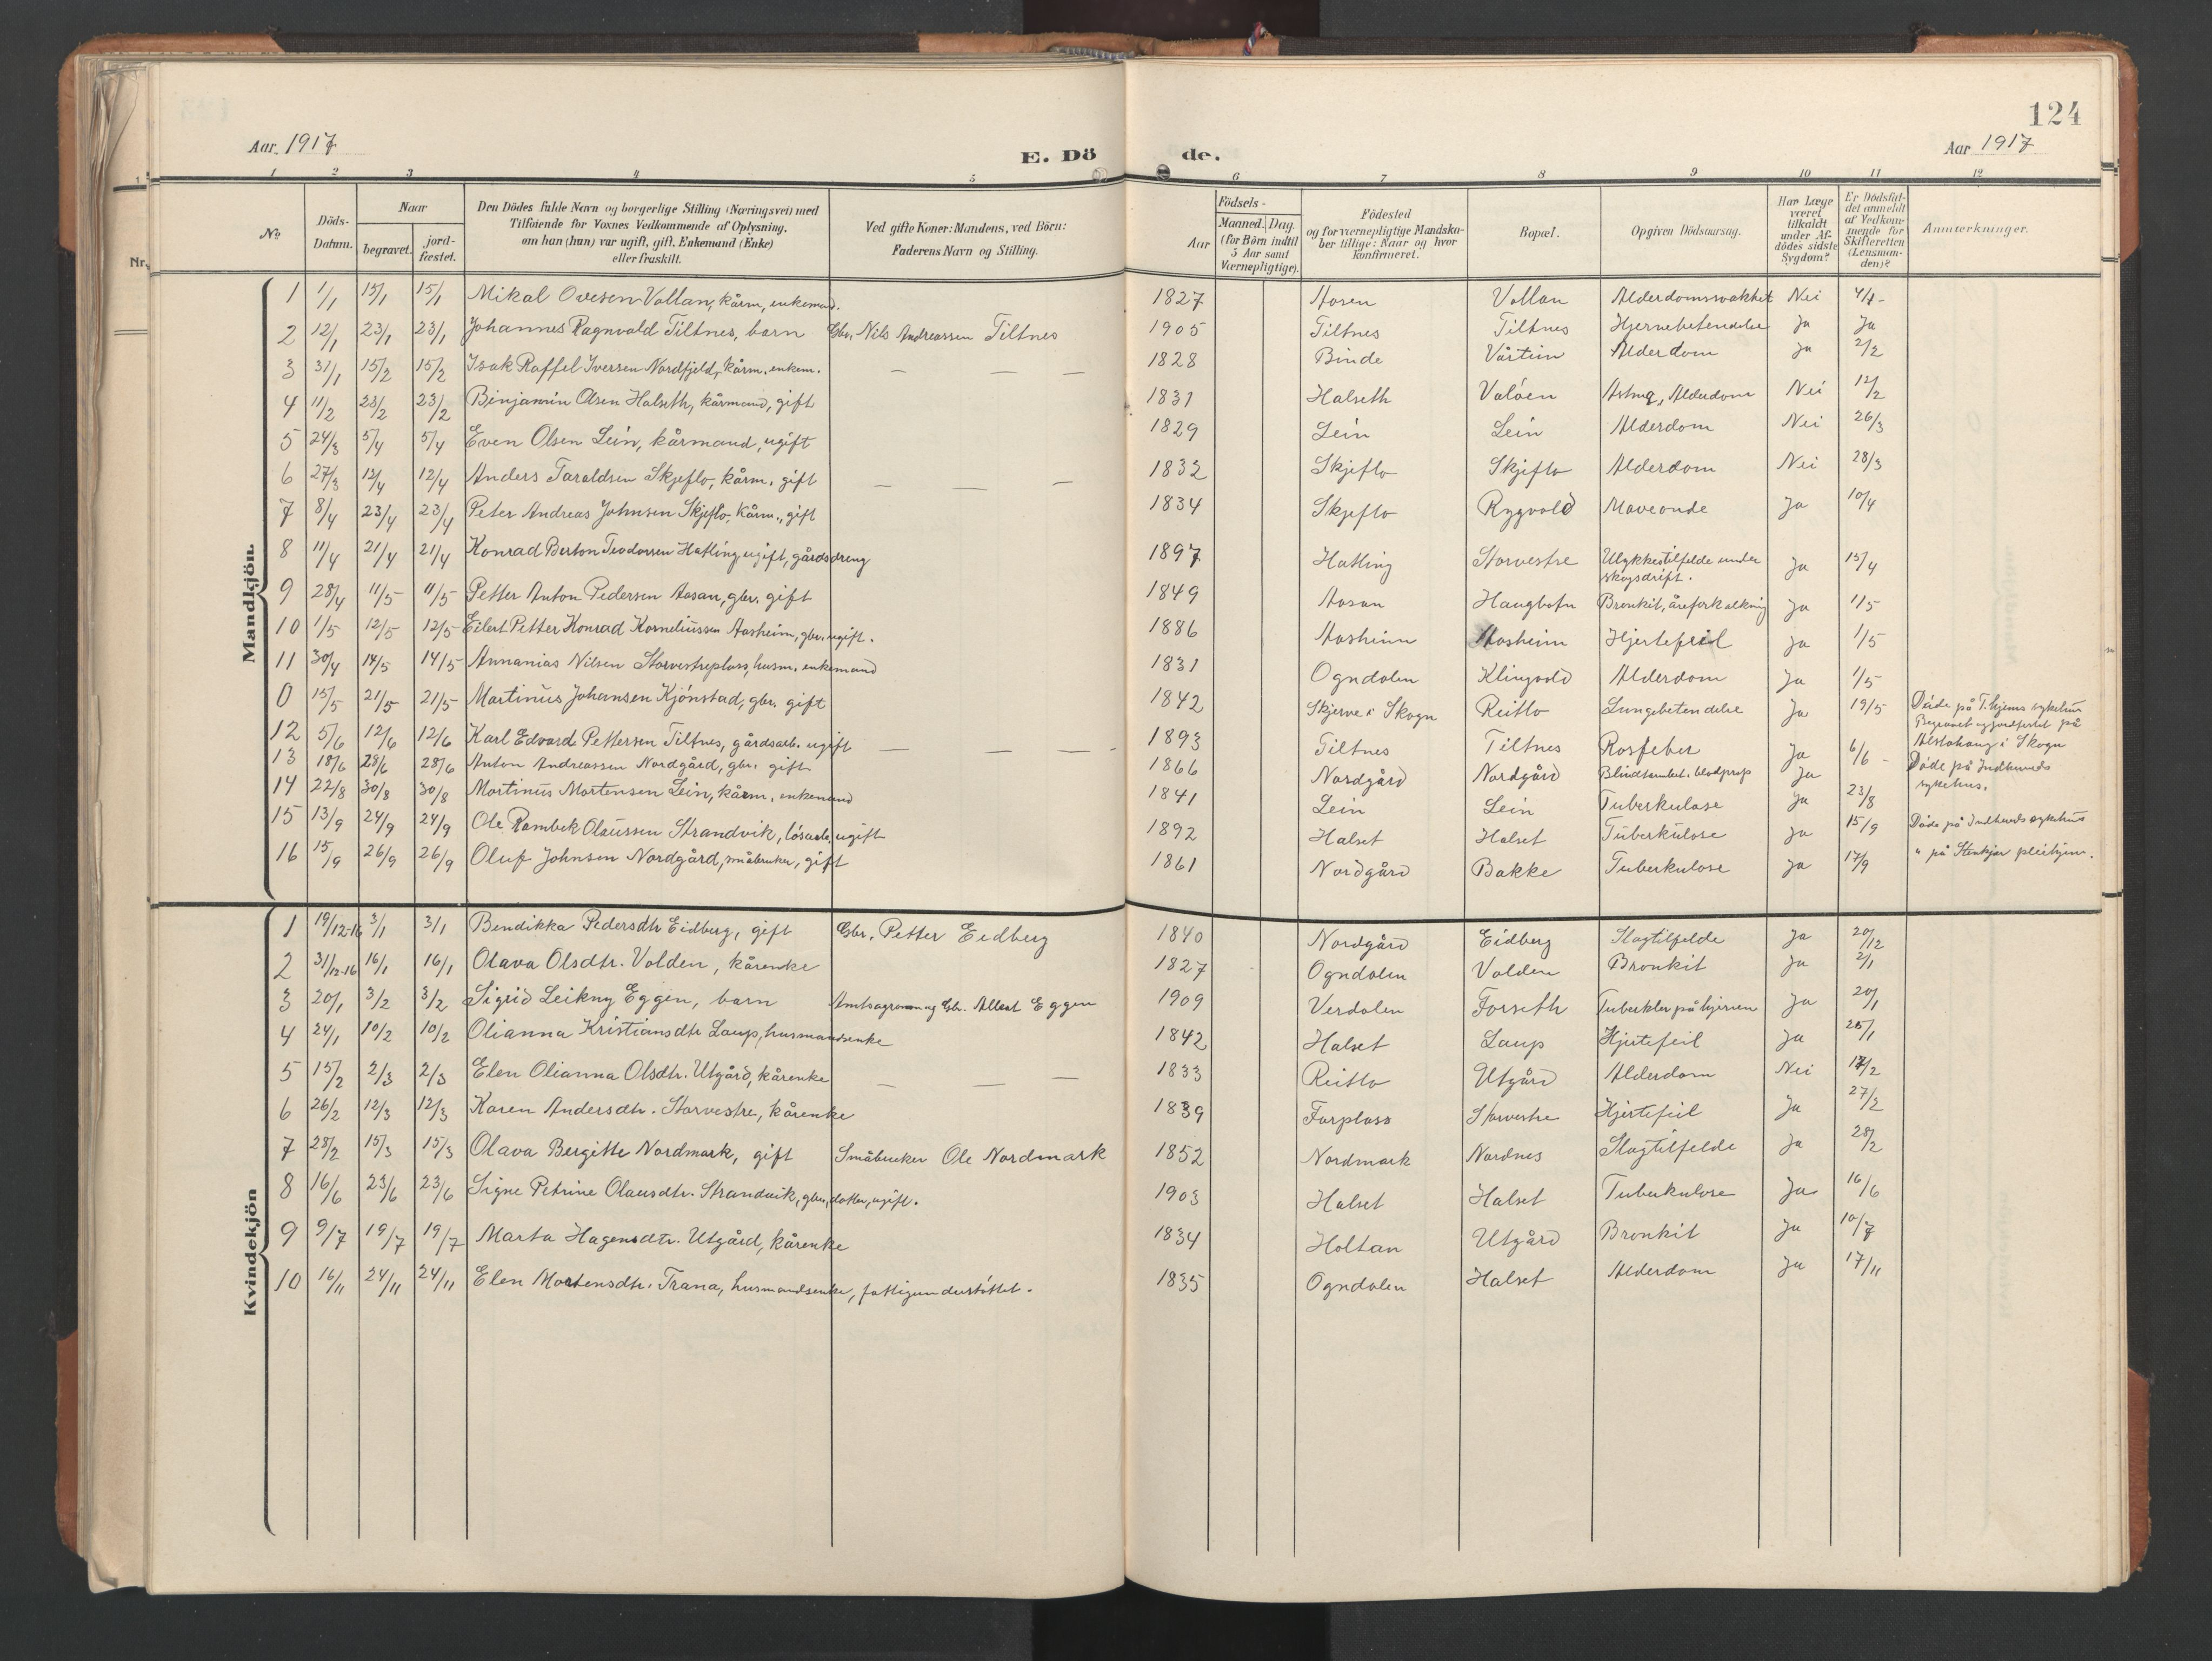 SAT, Ministerialprotokoller, klokkerbøker og fødselsregistre - Nord-Trøndelag, 746/L0455: Klokkerbok nr. 746C01, 1908-1933, s. 124